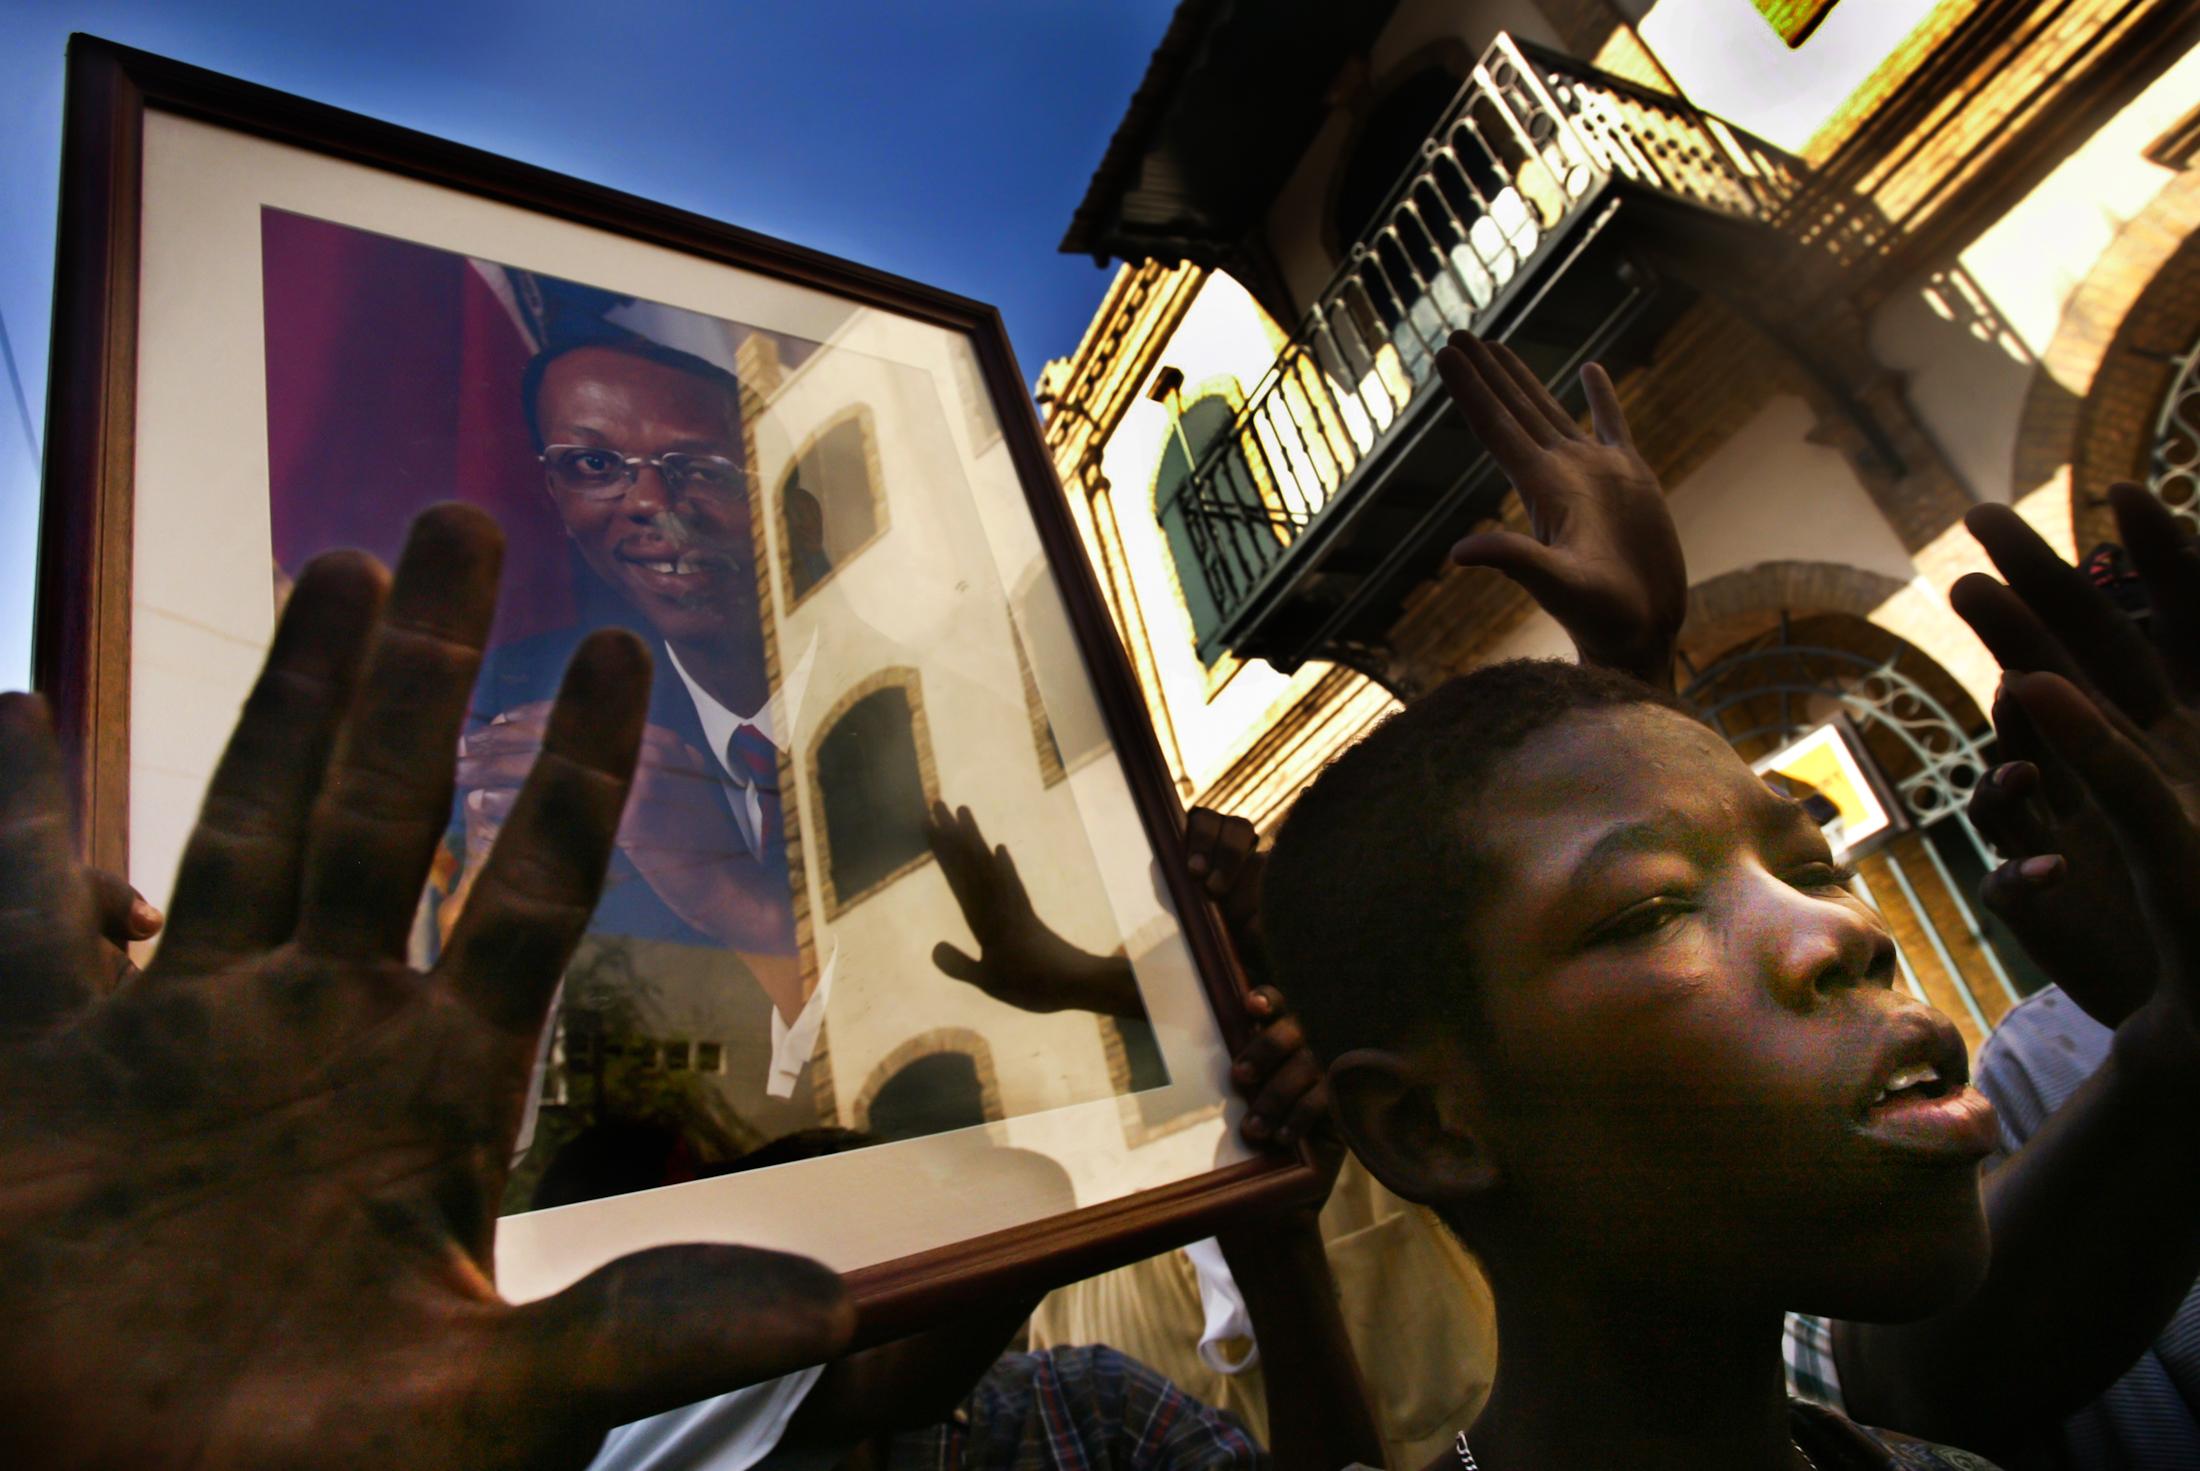 Coup d'é·tat in Haiti